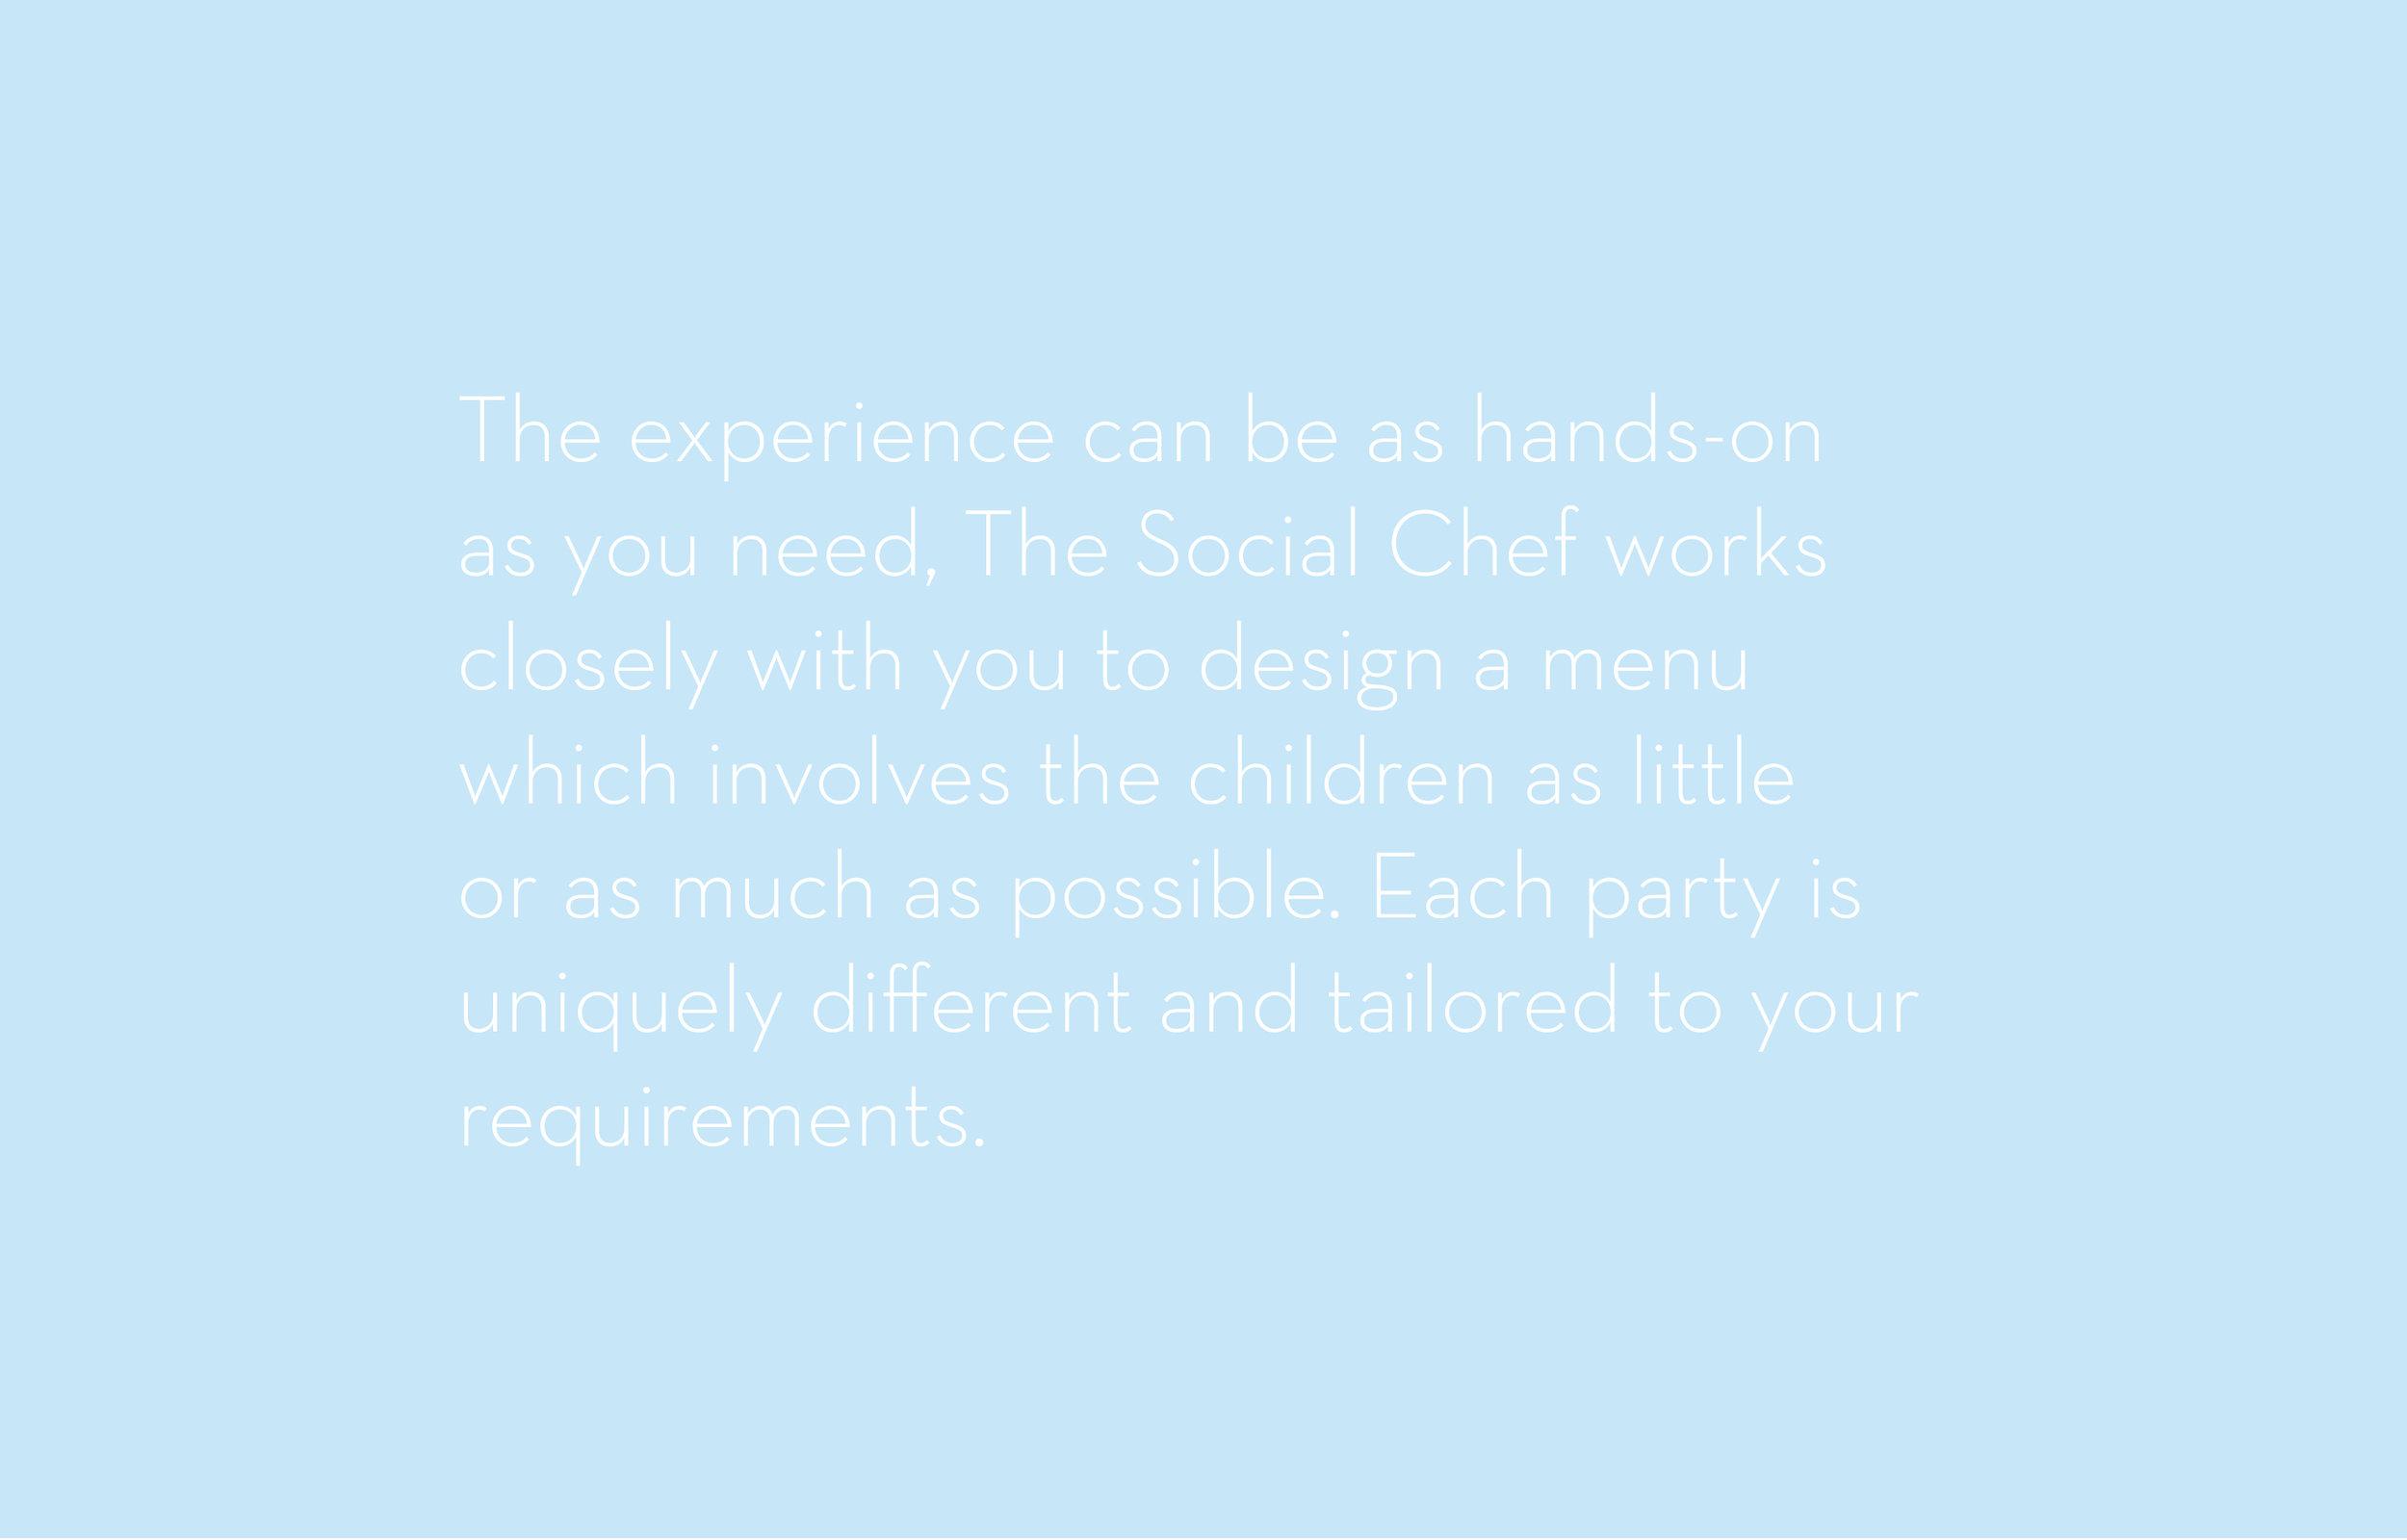 social chef tiles - kids page2.jpg